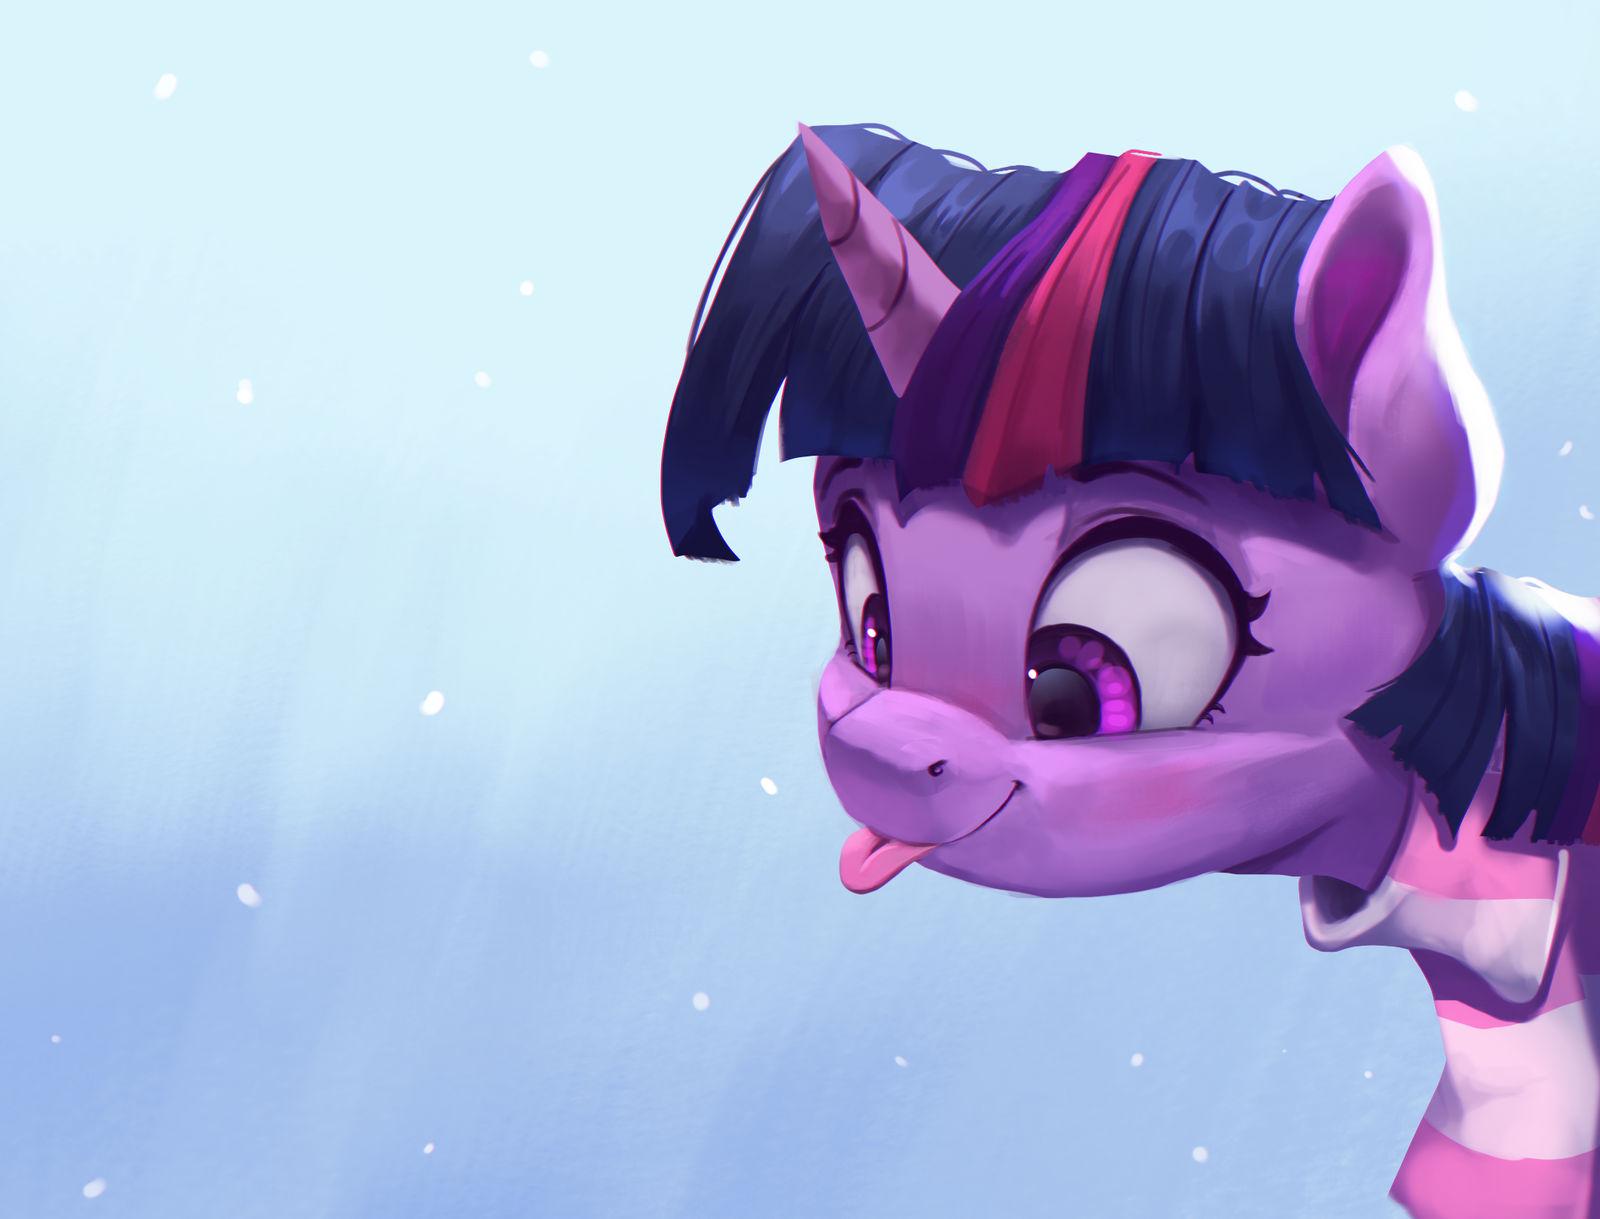 [Obrázek: catching_snowflakes__atg_x_d7__by_vanill...Vp383nPot8]